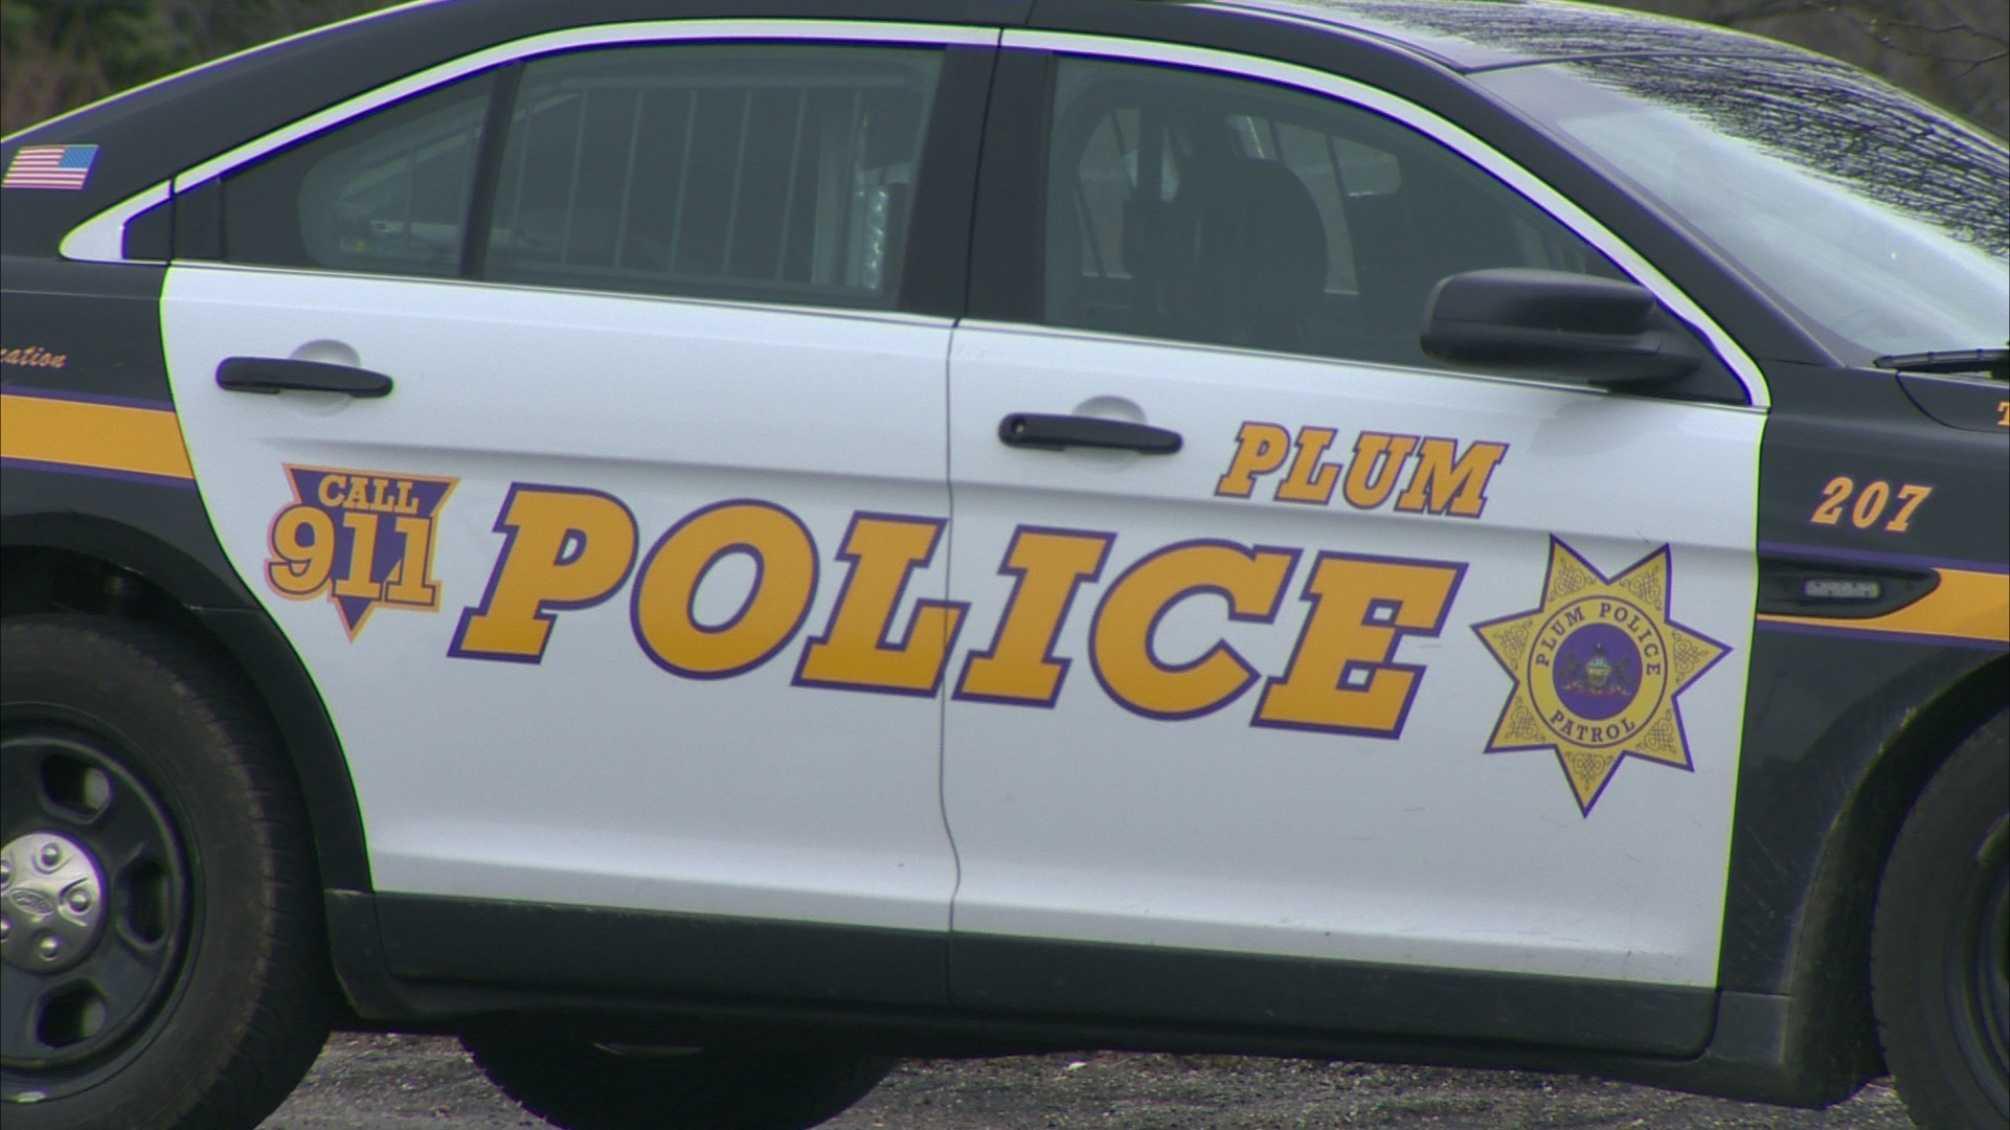 A Plum police car